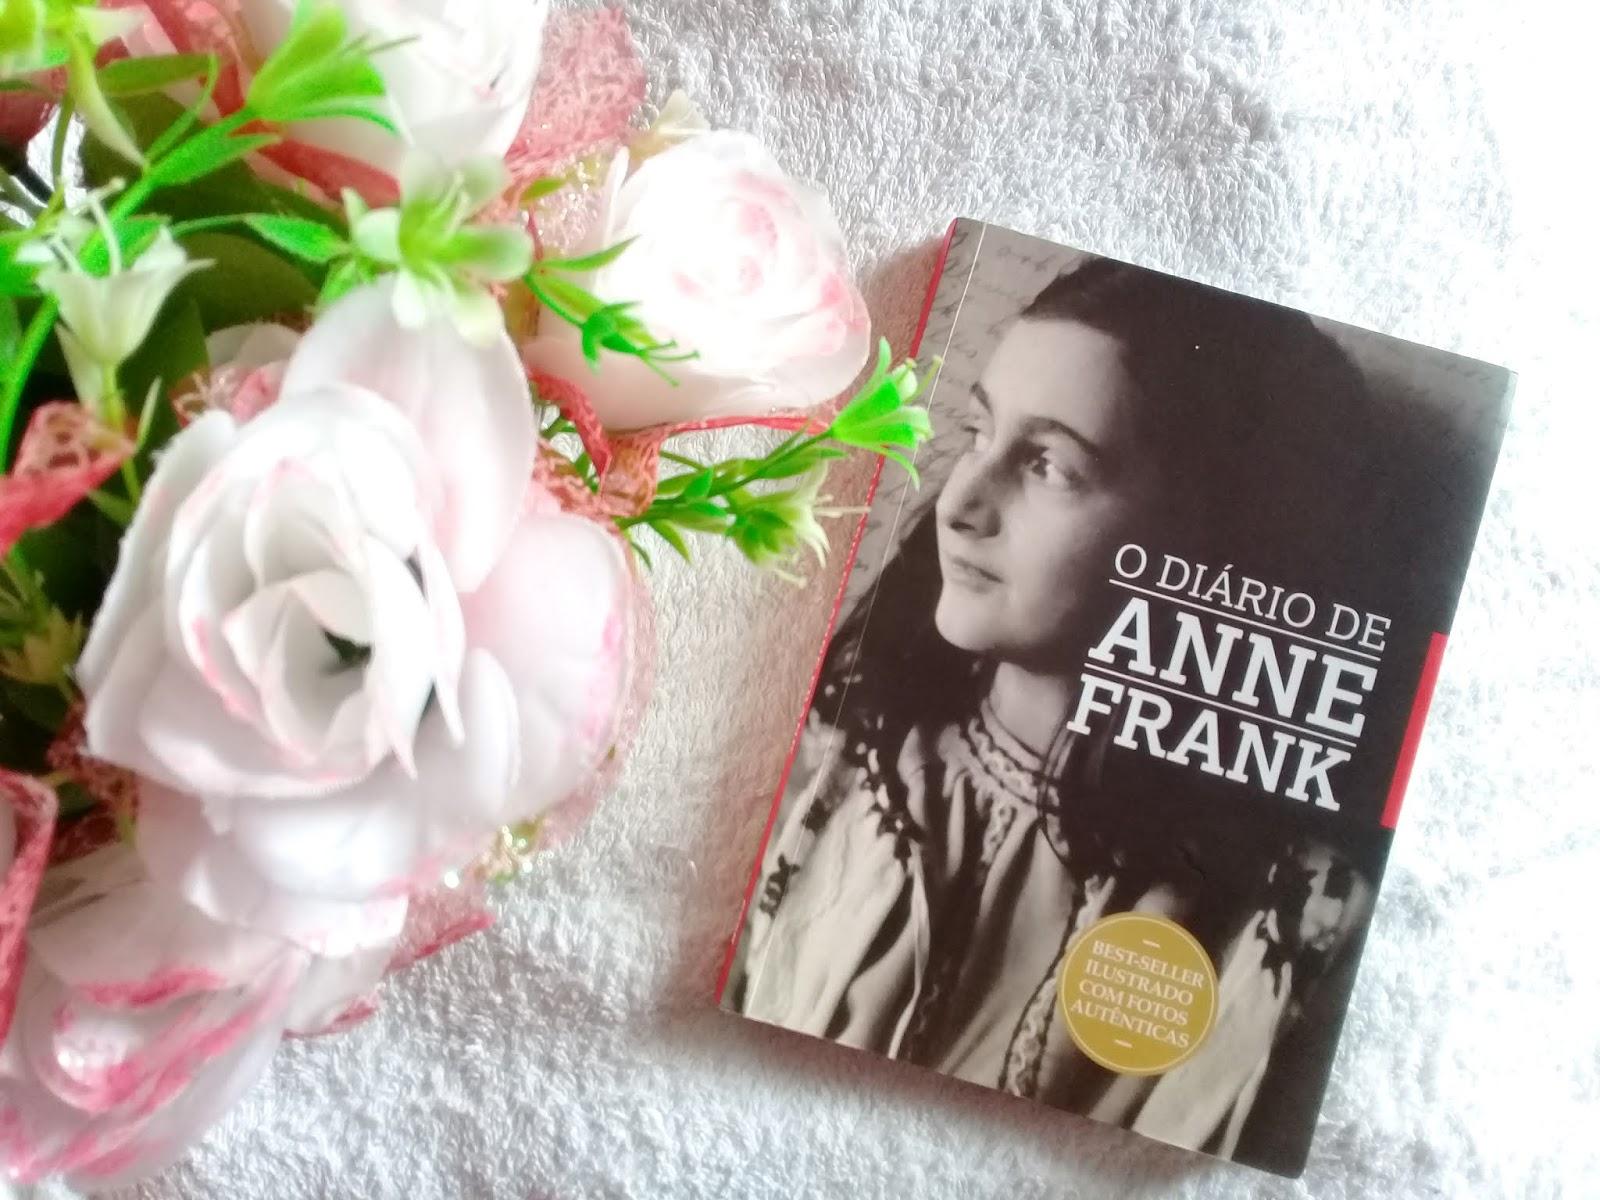 livro 'O diário de Anne Frank'